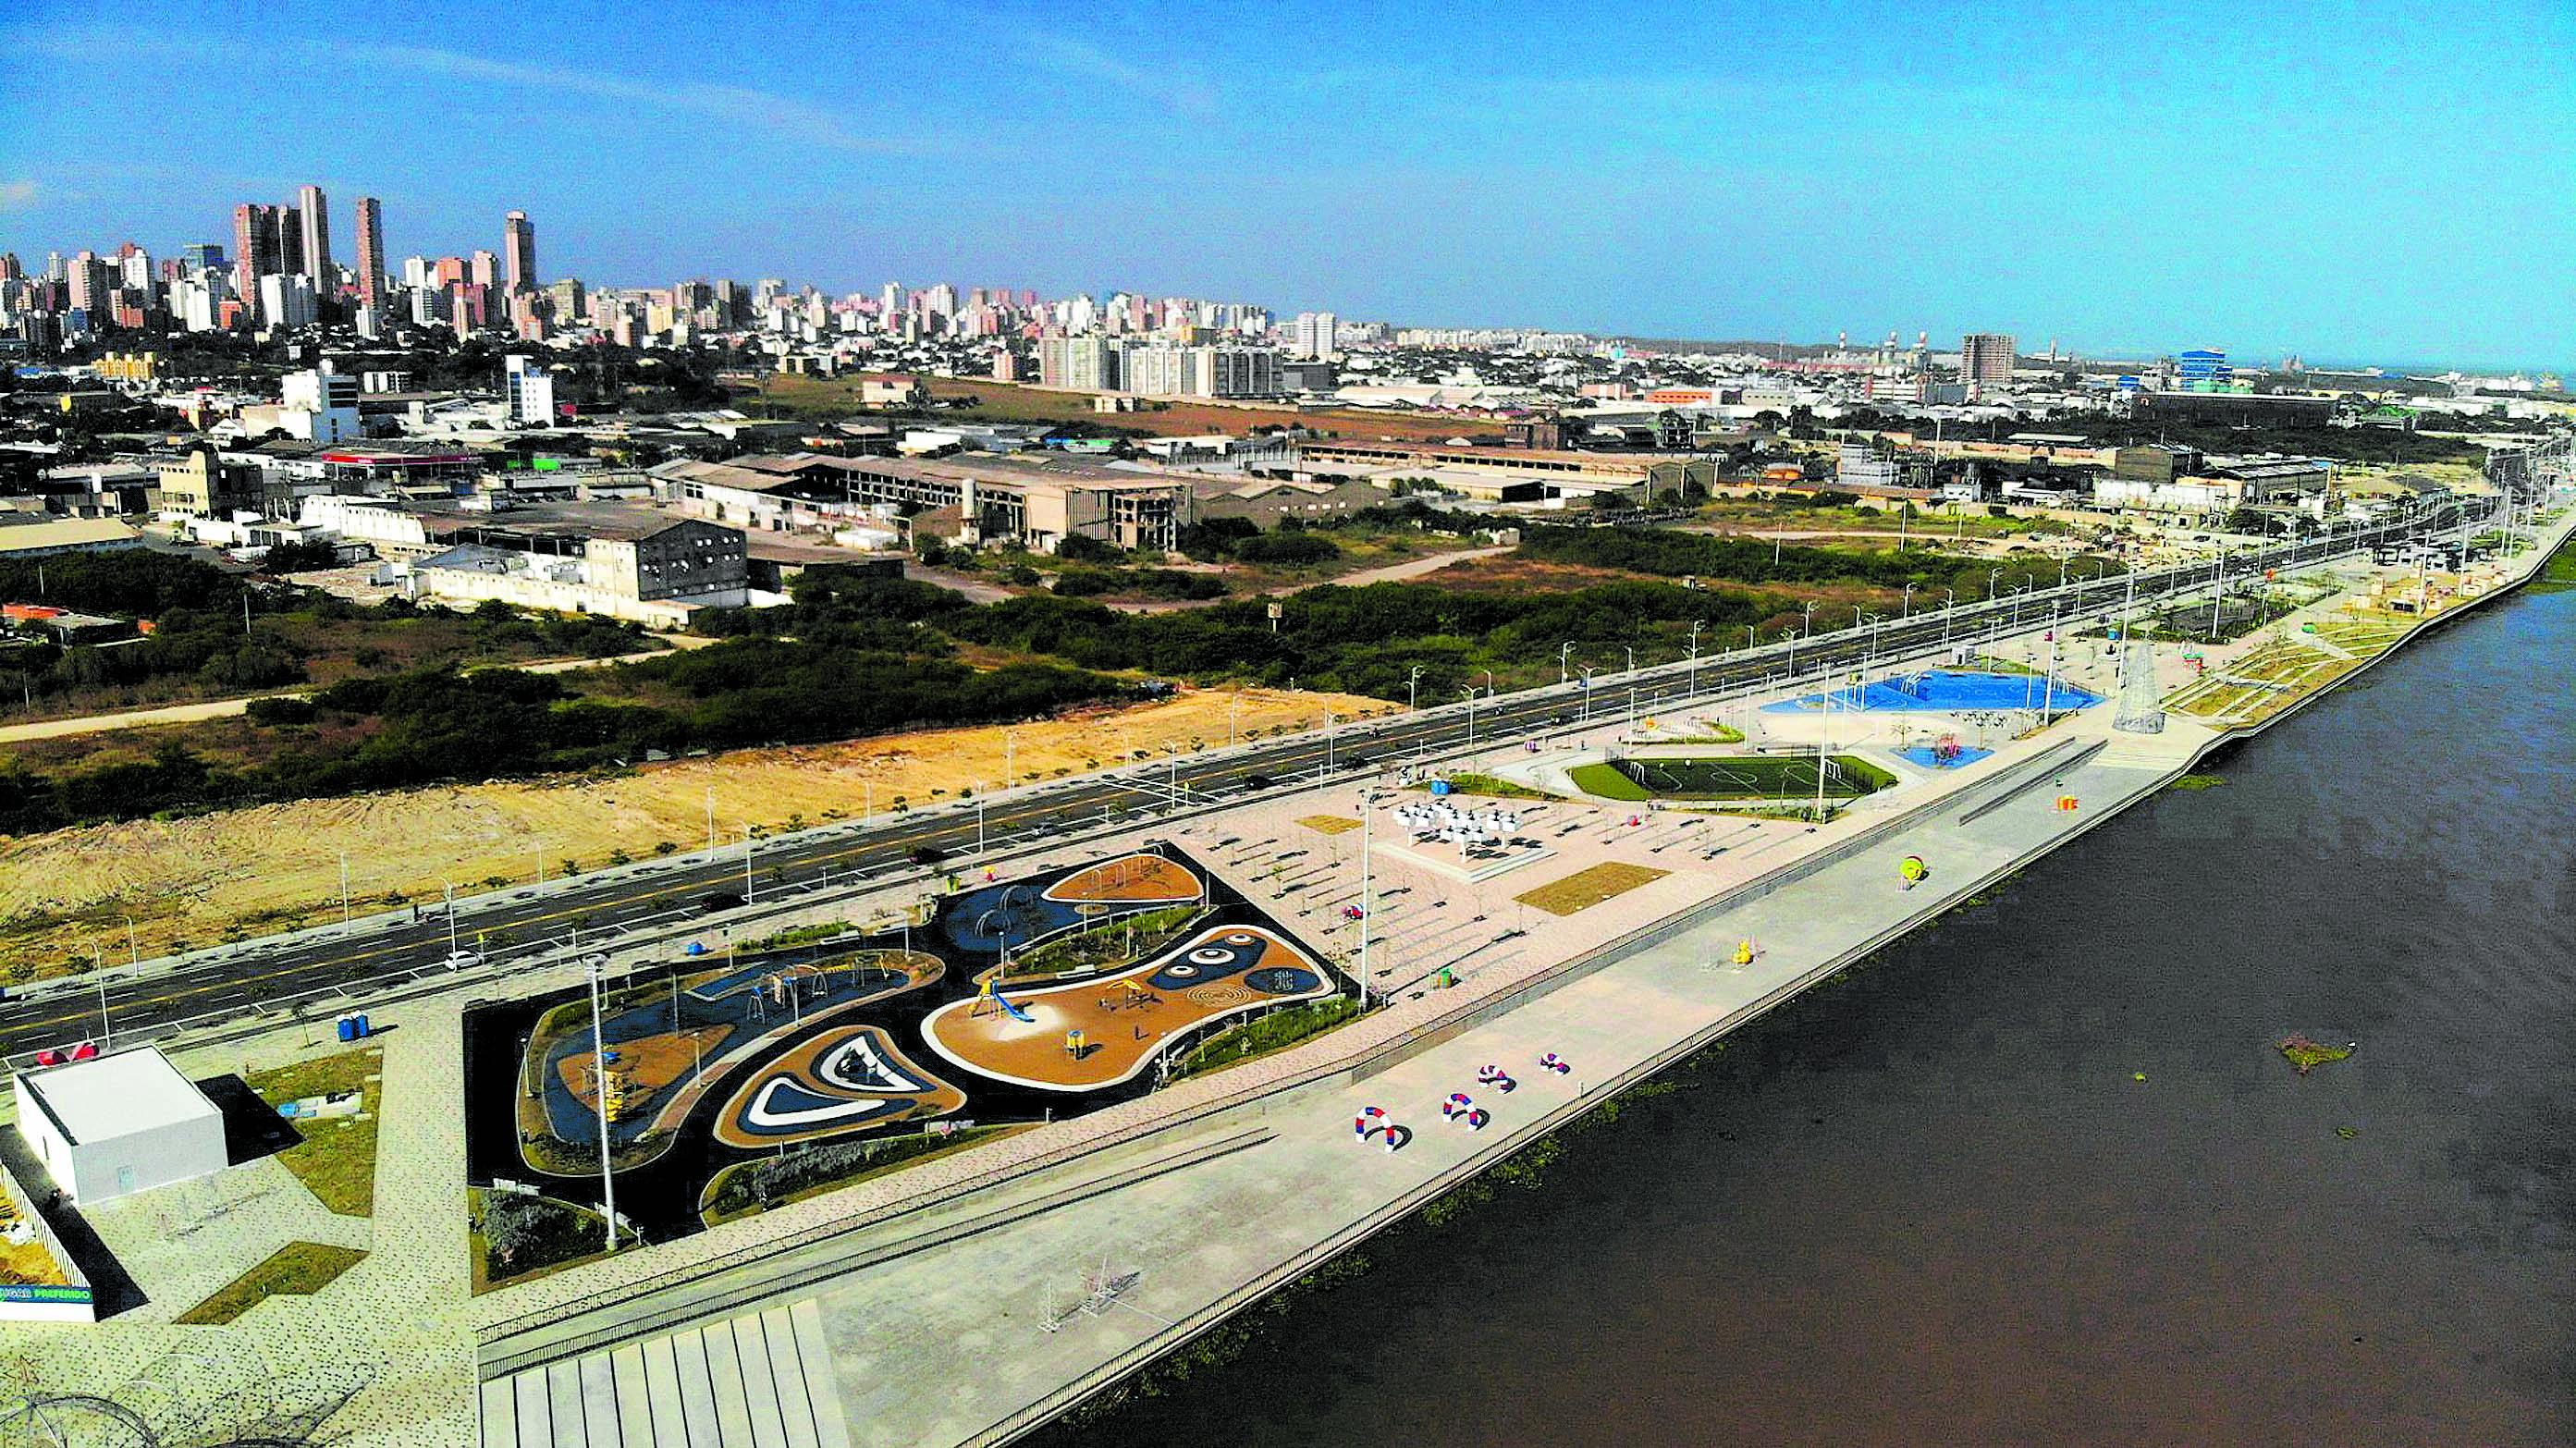 Vista del Malecón del Río en Barranquilla, en donde se encuentran el centro de eventos Puerta de Oro y el Pabellón de Cristal, escenarios de la Asamblea del BID.